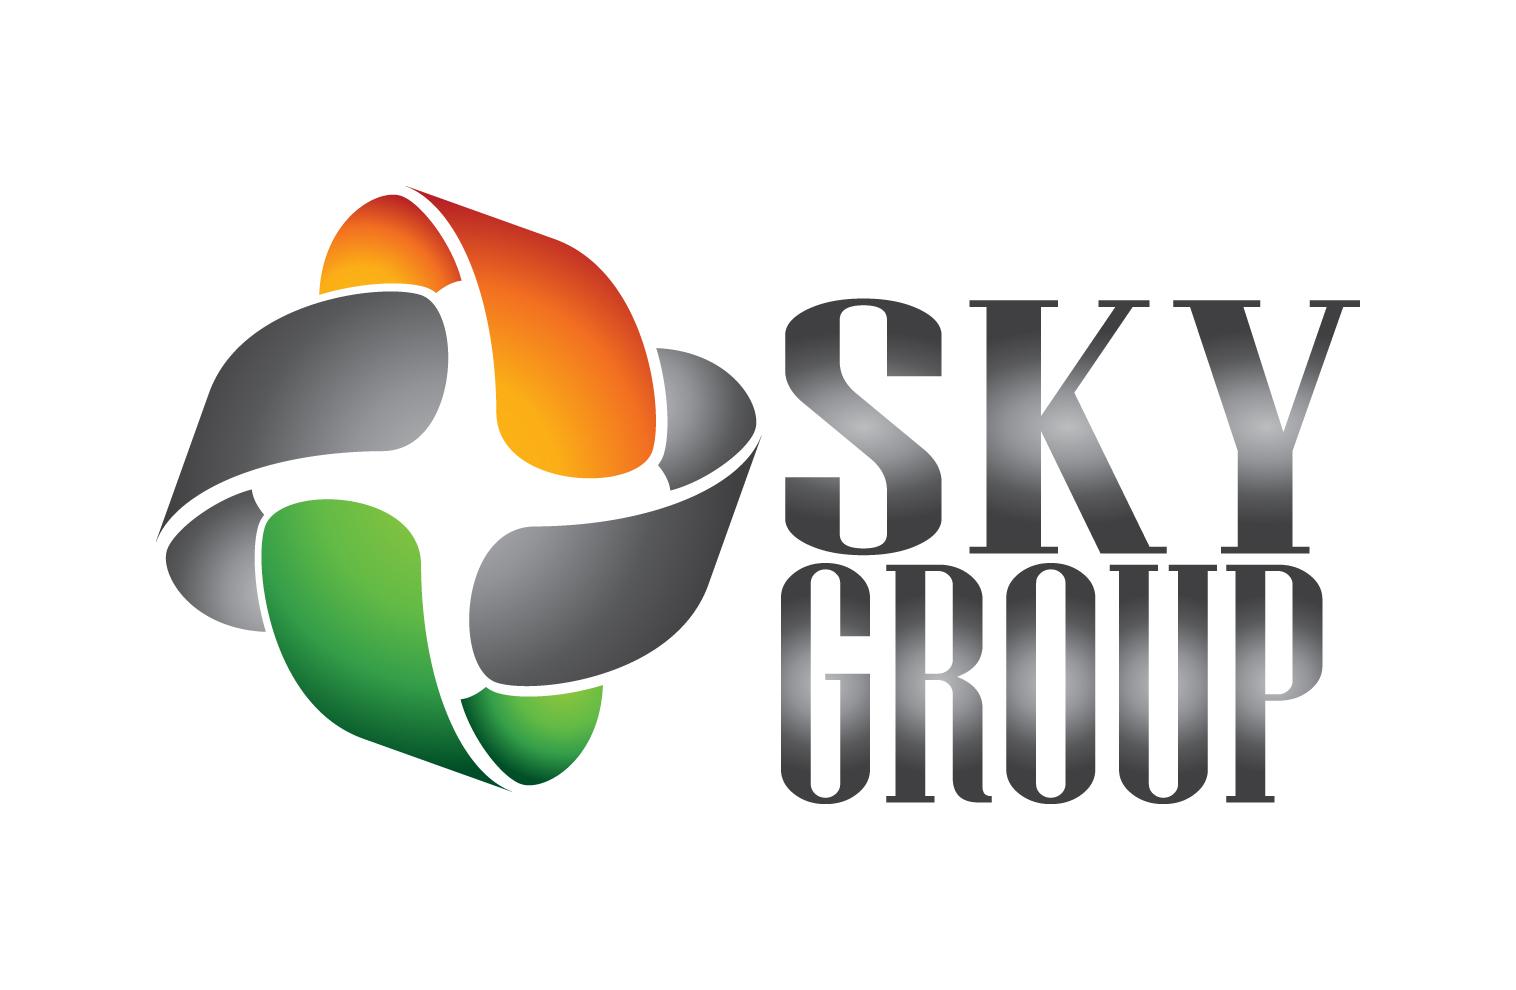 Новый логотип для производственной компании фото f_4865a864a30baa0d.jpg